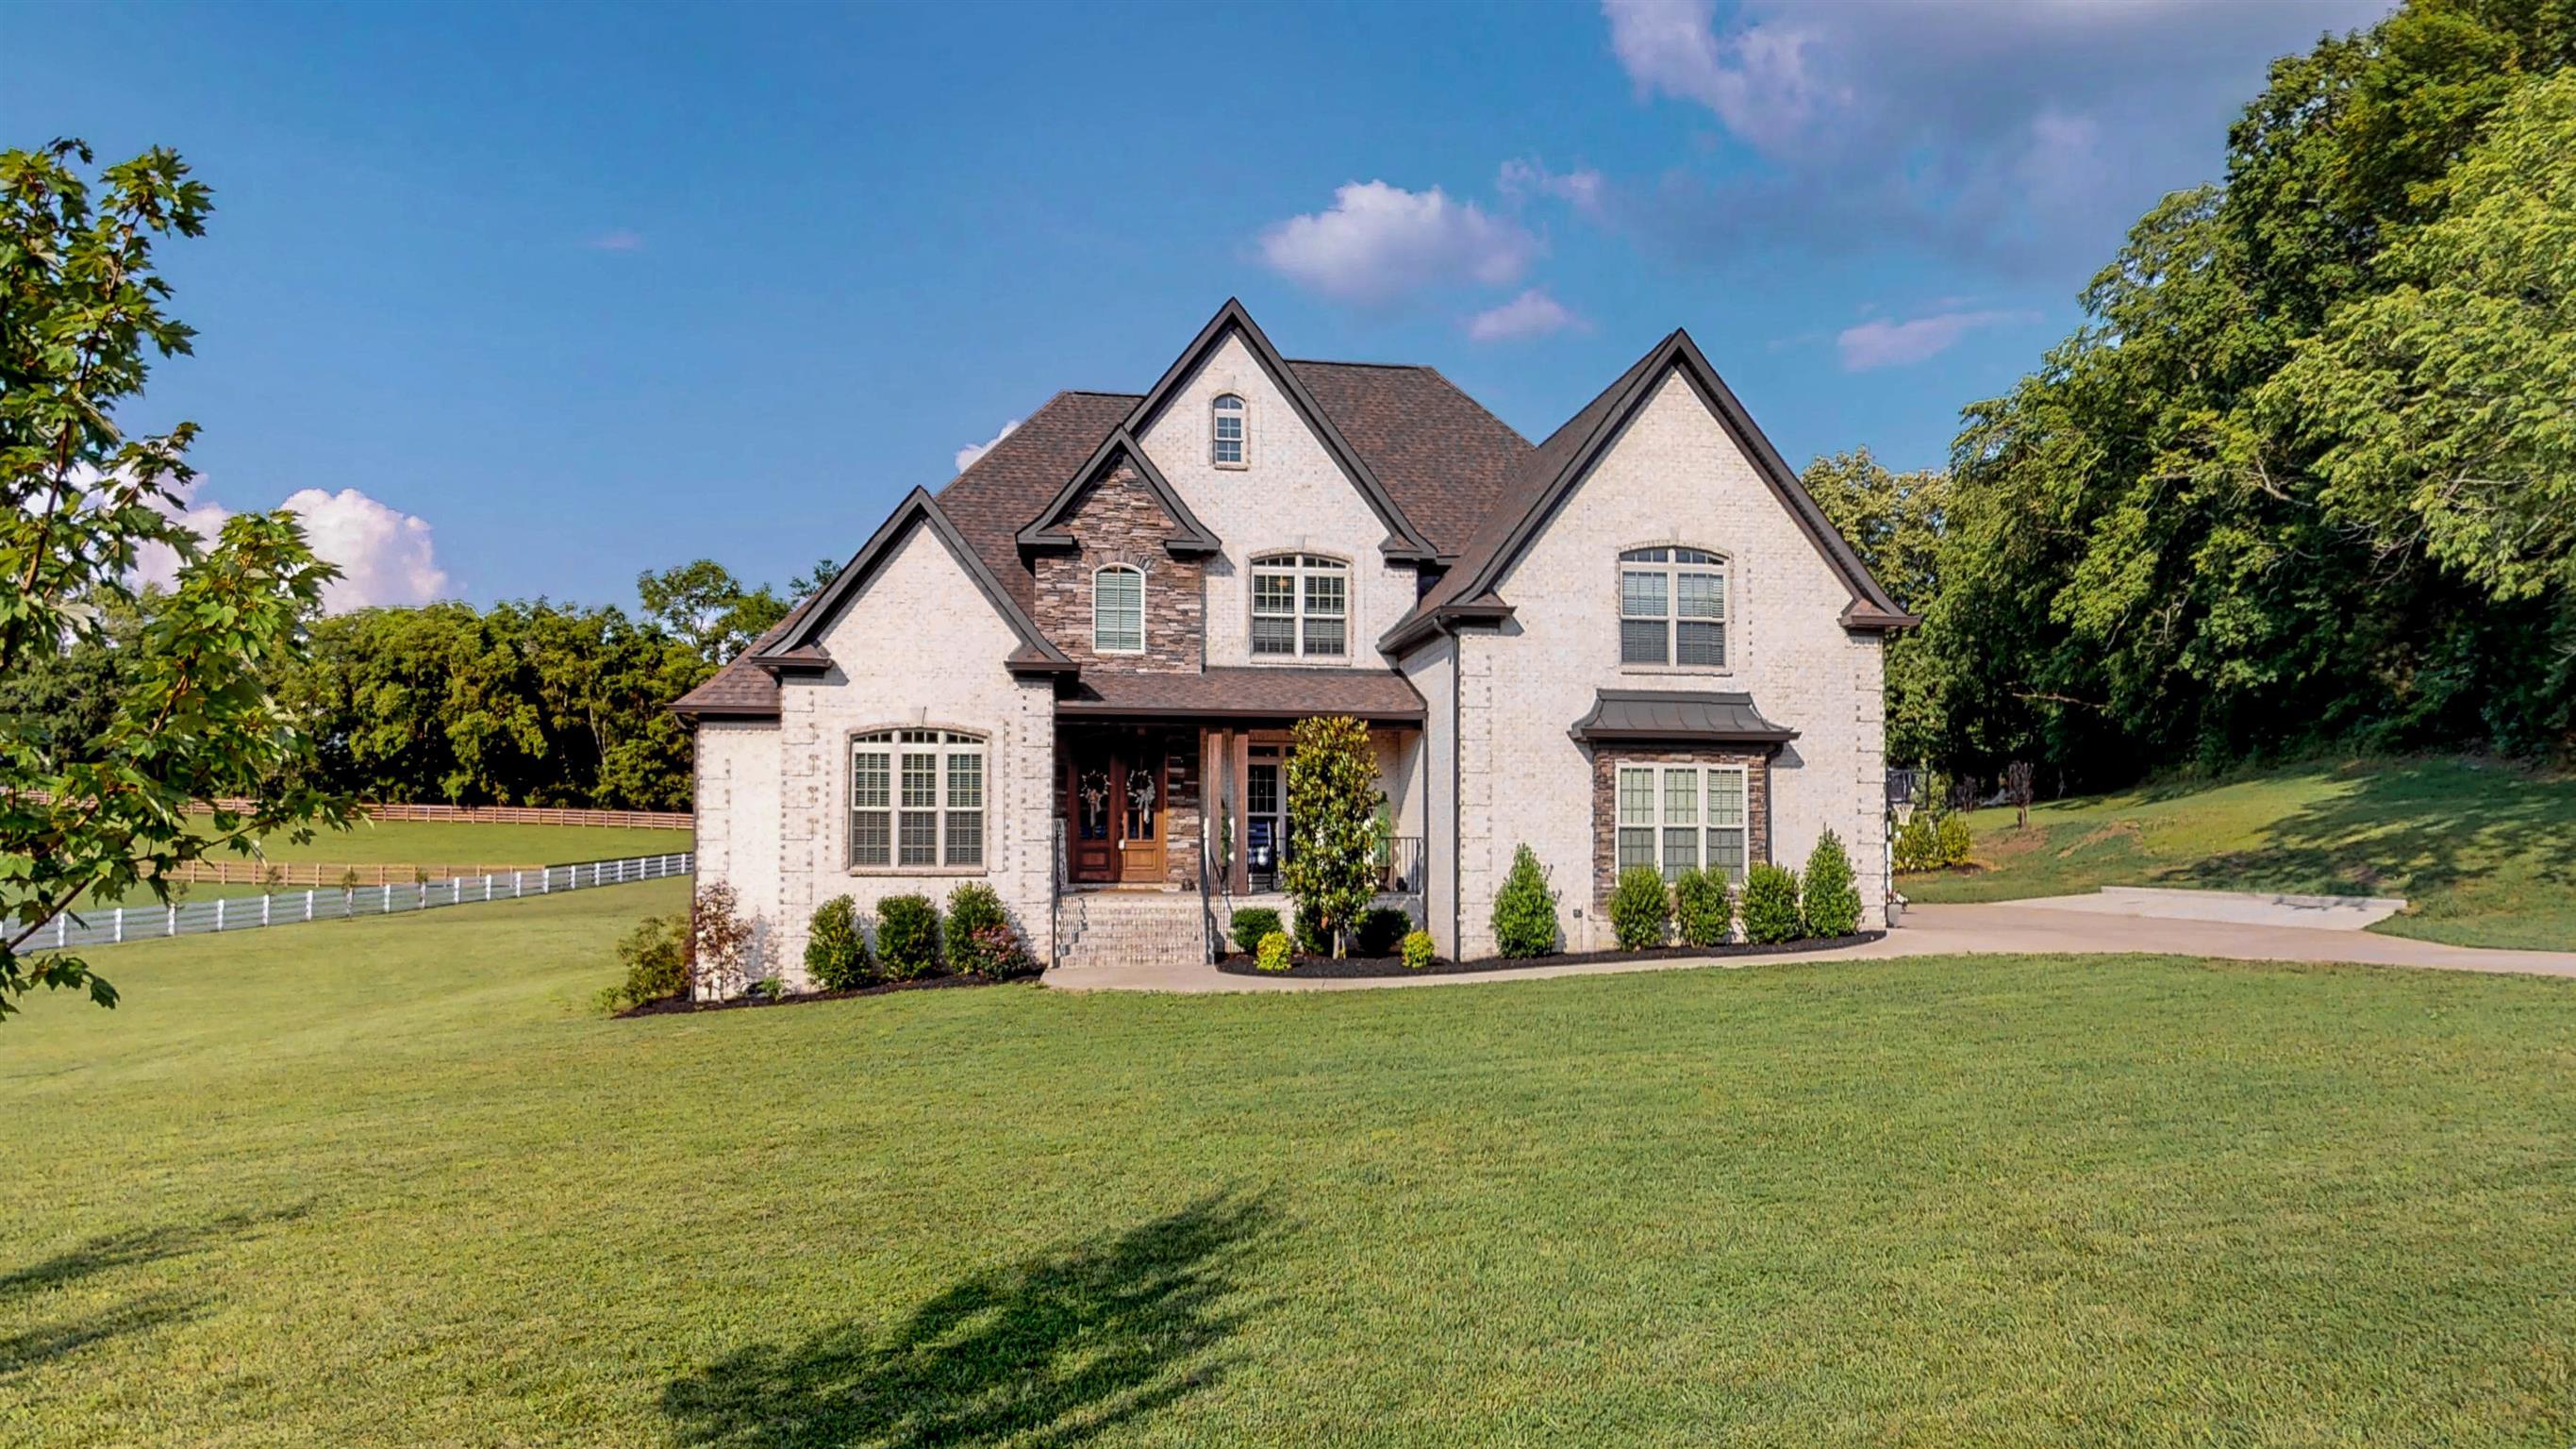 7243 Magnolia Valley Dr, Eagleville, TN 37060 - Eagleville, TN real estate listing